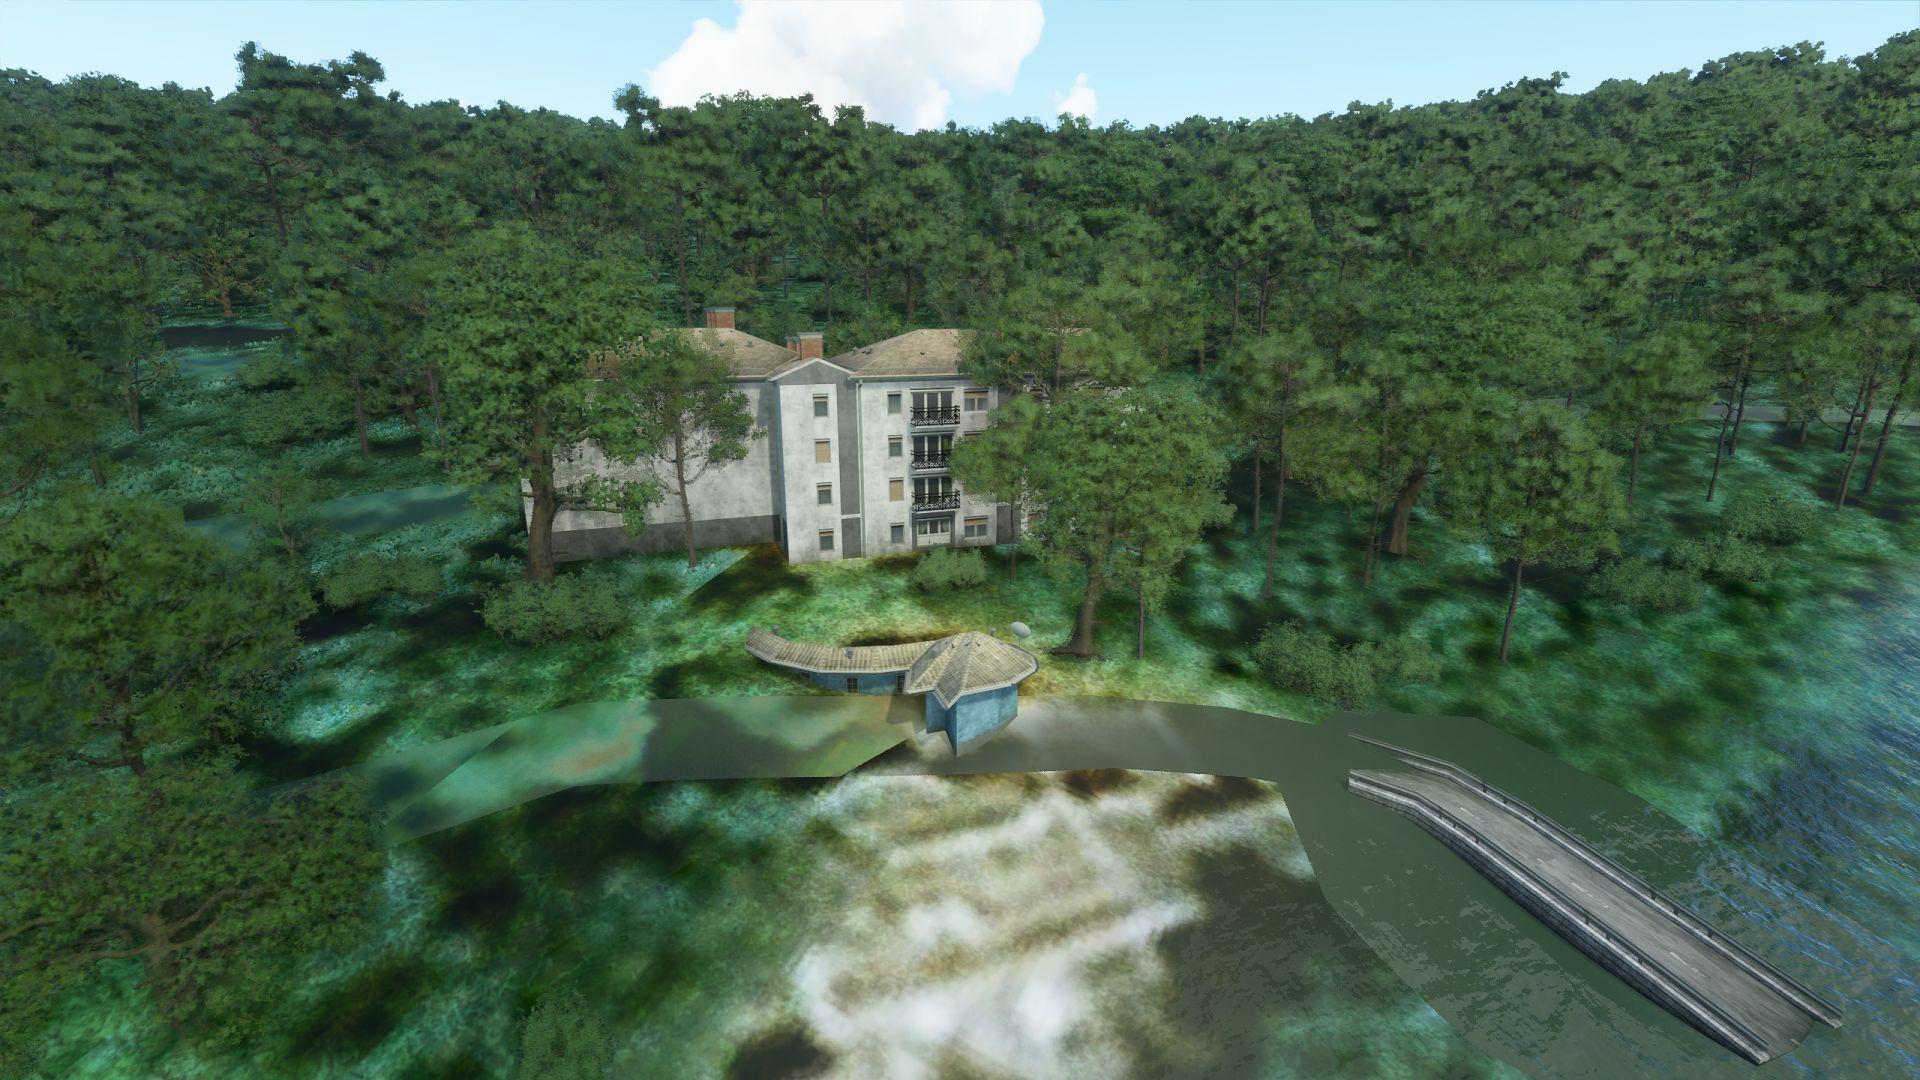 Una captura de pantalla de Microsoft Flight Simulator que muestra Falling Water de Frank Lloyd Wright.  Está hecho de edificios genéricos y no del edificio original.